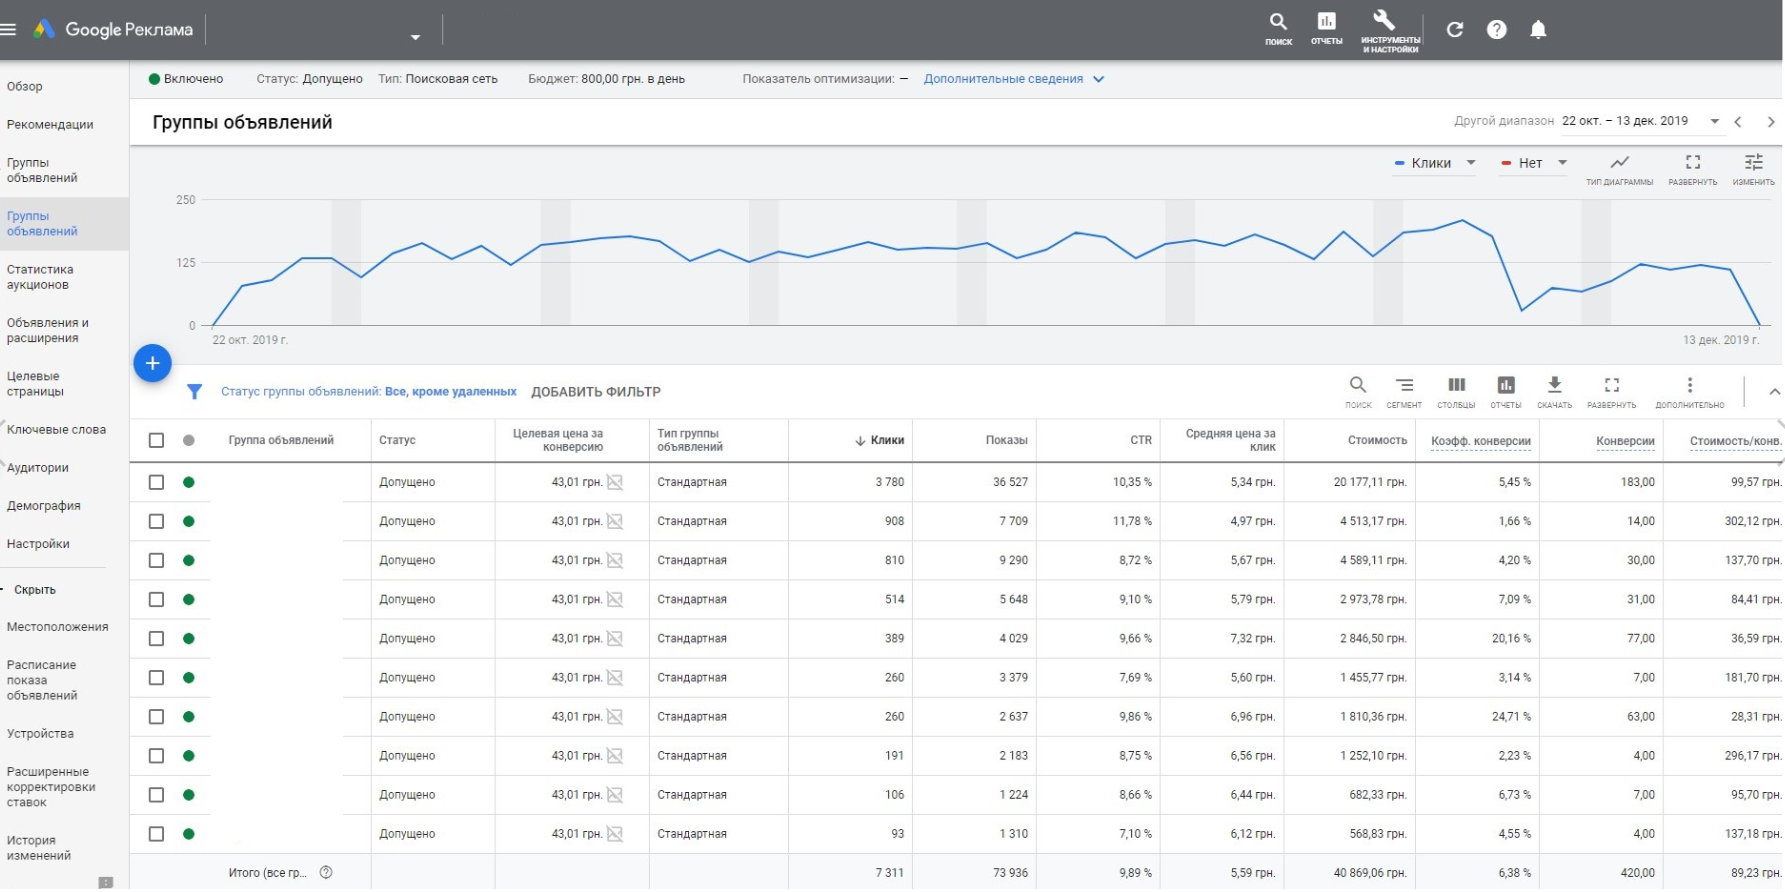 Google Ads увеличение продаж на 211% за 1 месяц при снижении расходов на рекламу в 3,3 раза